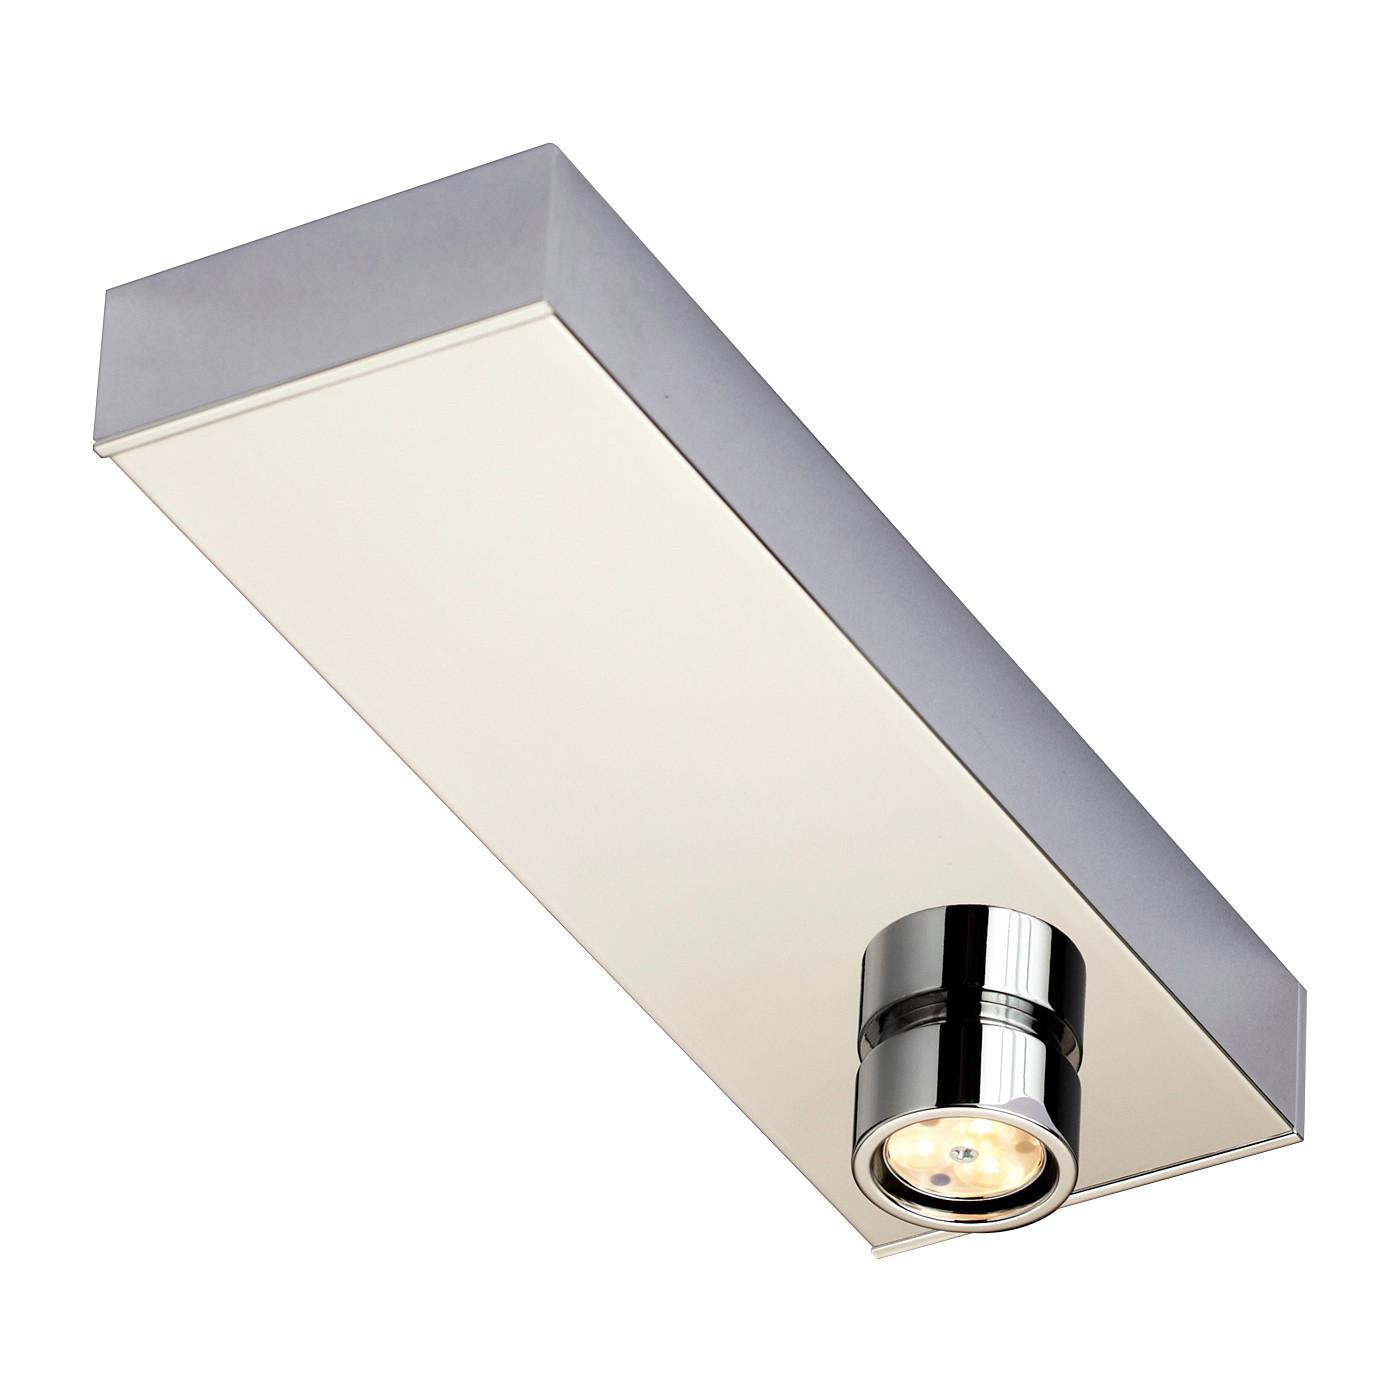 best sneakers 50ac6 d91b1 LDM Ecco LED Mini Uno lamp Downlight ceiling lamp